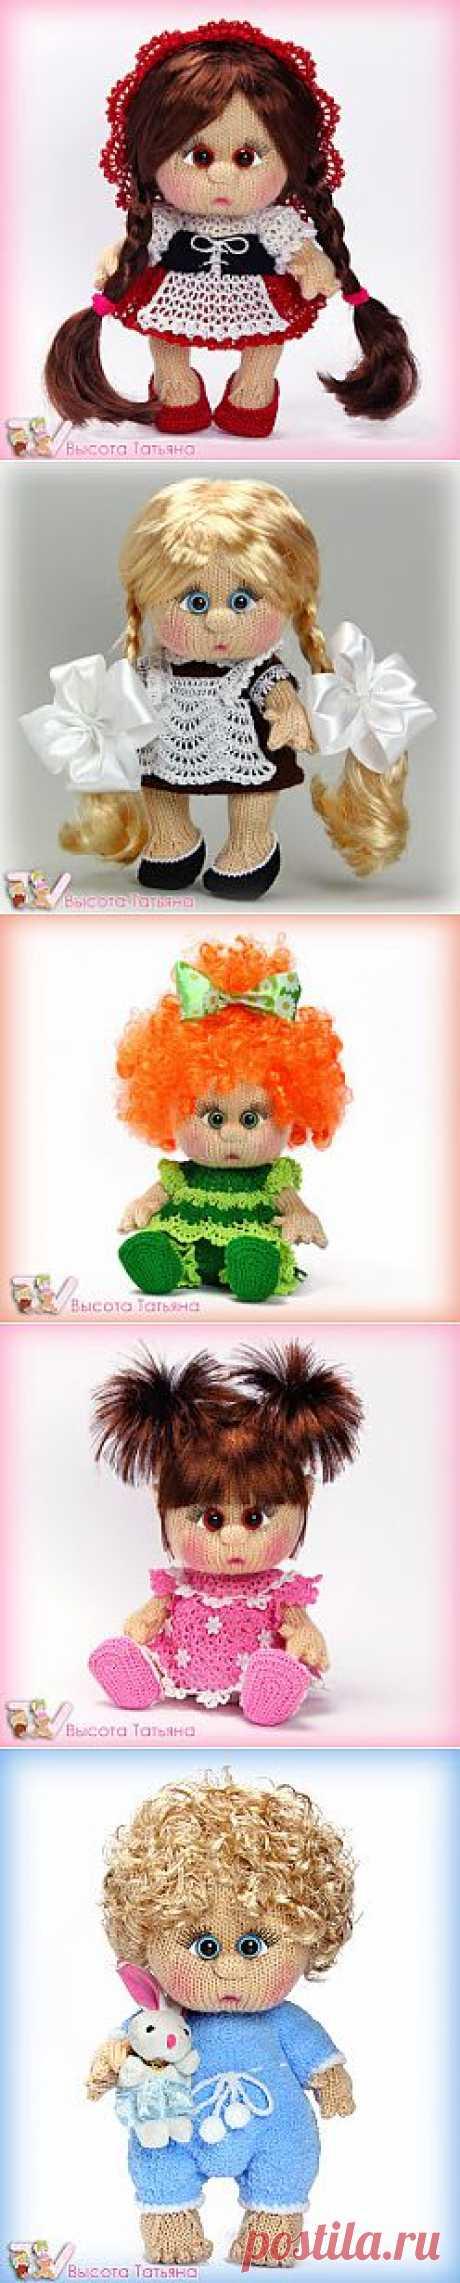 Куклы-Пупсы - Татьяна Высота - Веб-альбомы Picasa